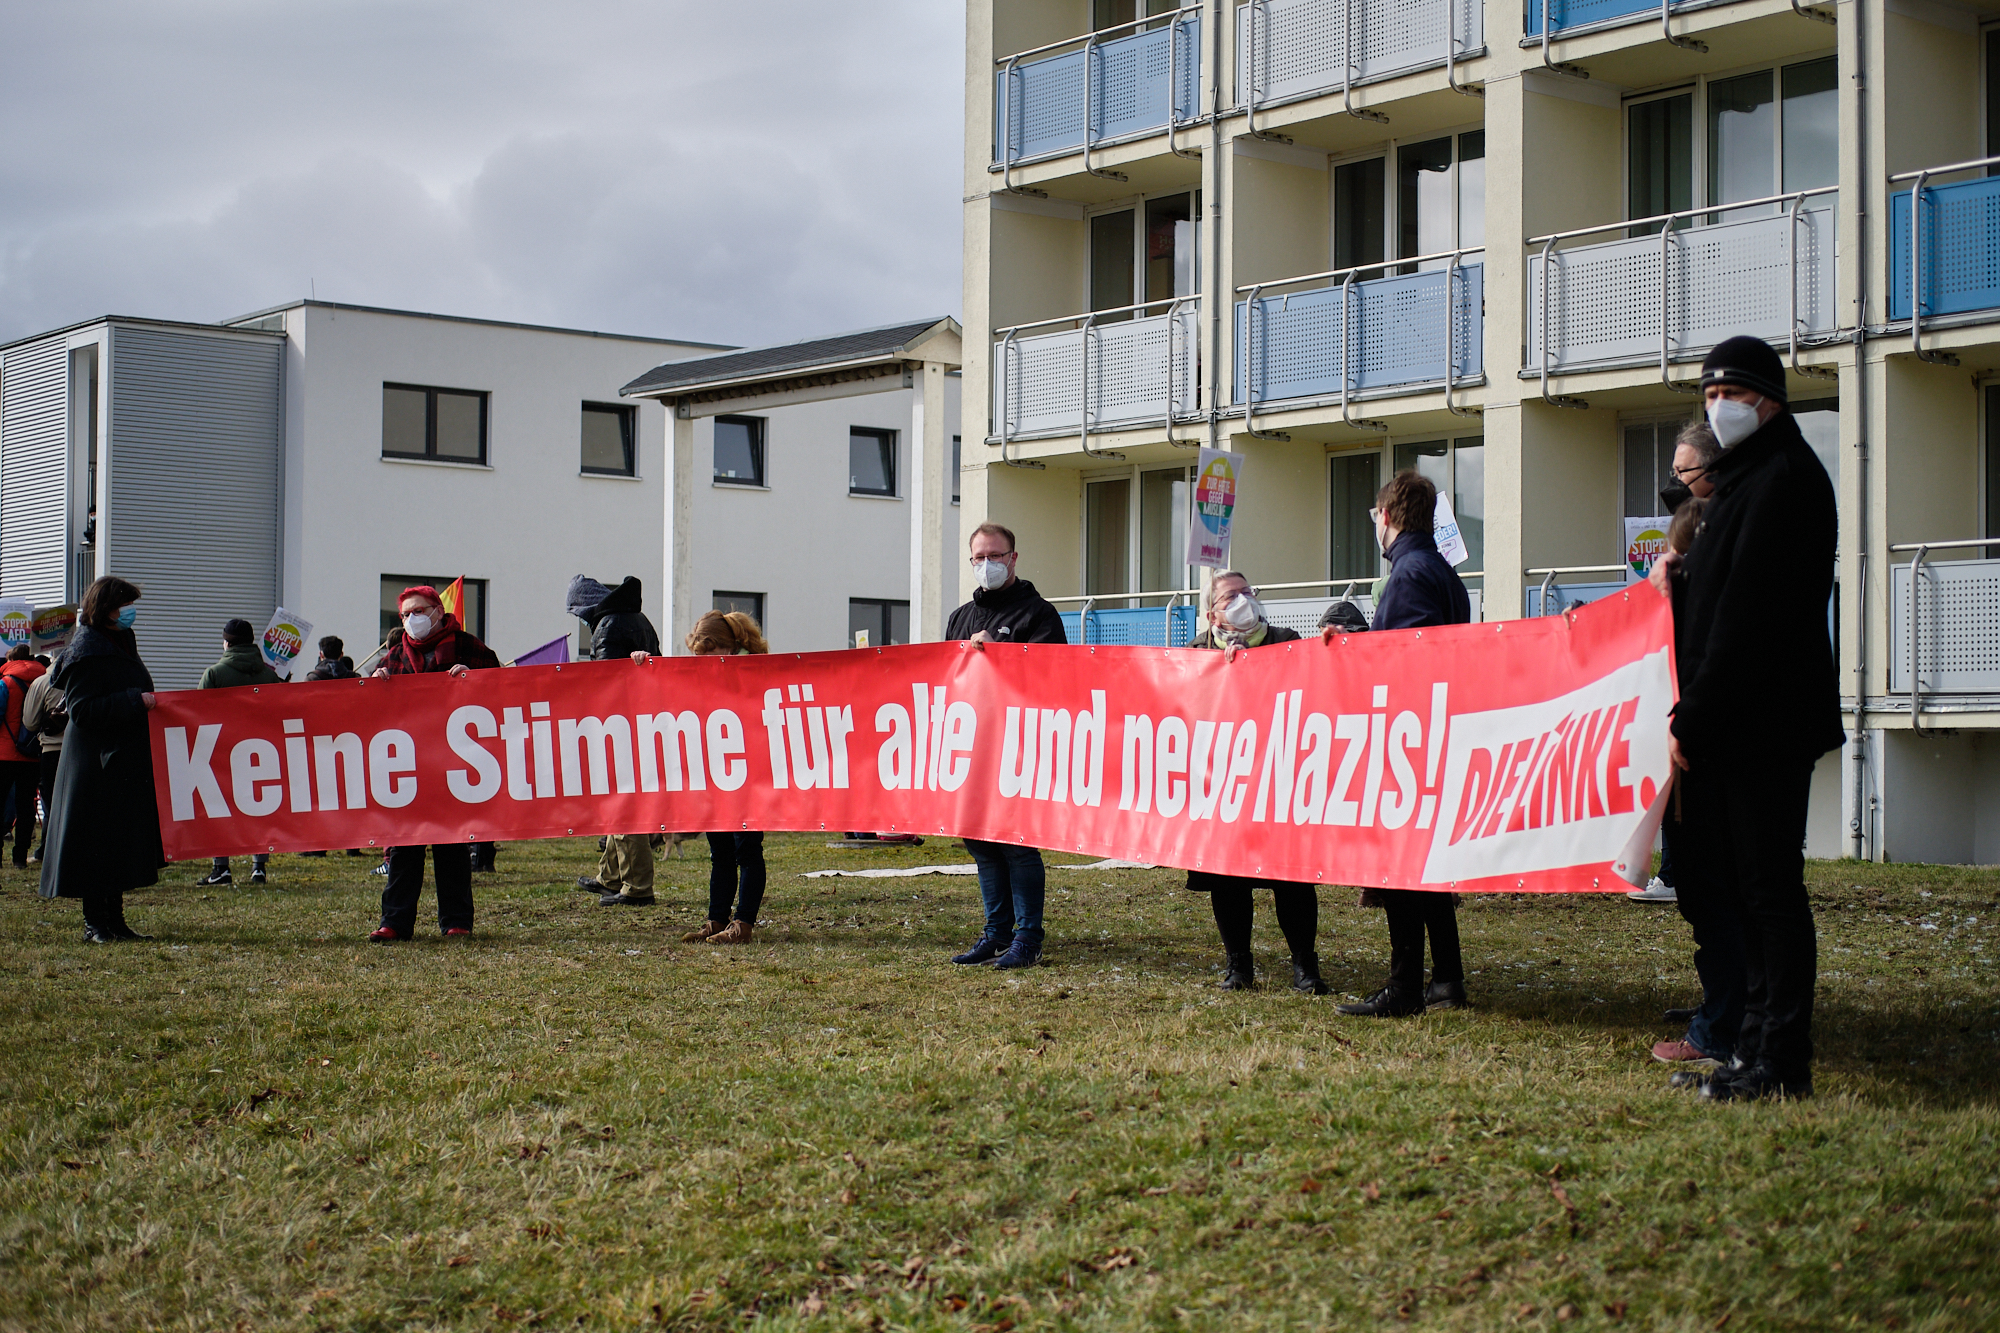 """""""Keine Stimme für alte und neue Nazis!"""" DIE LINKE-Banner"""